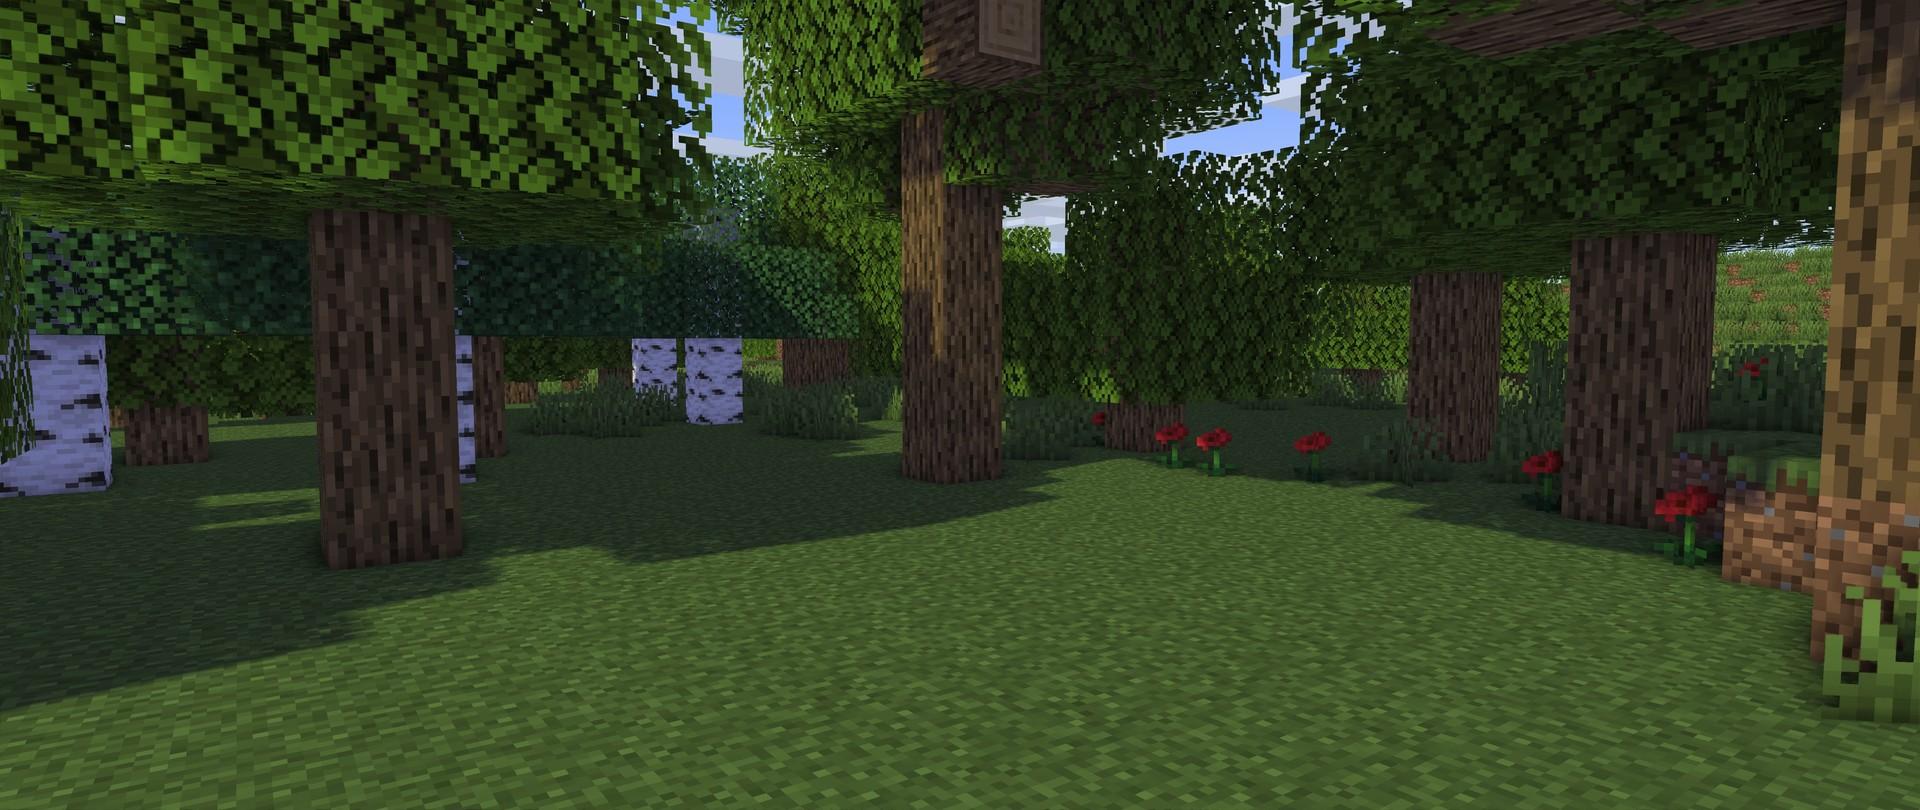 我的世界森林高清动态壁纸